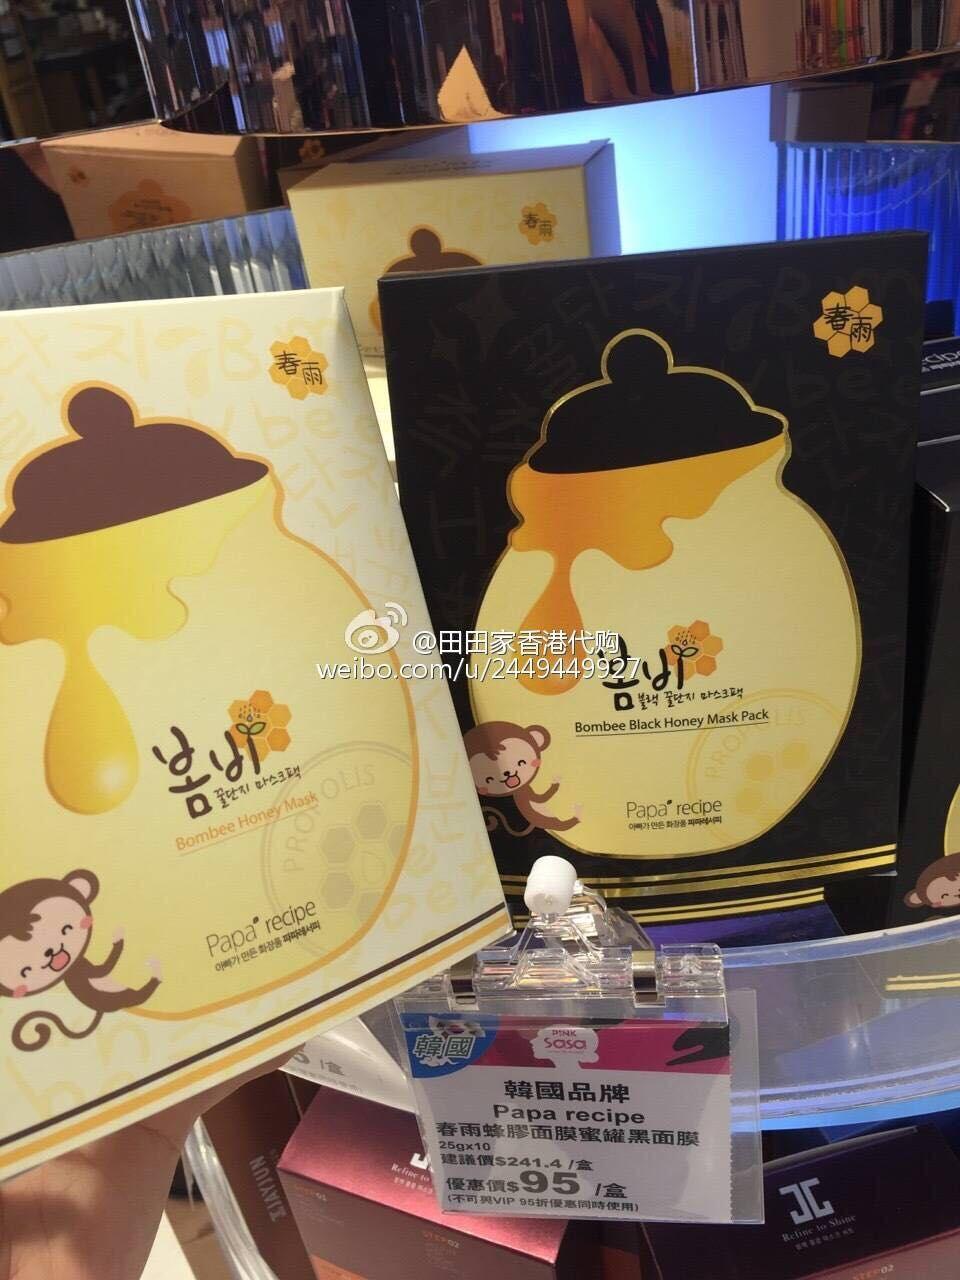 韓國papa recipe春雨蜂蜜蜂膠面膜貼單片裝補水緊緻